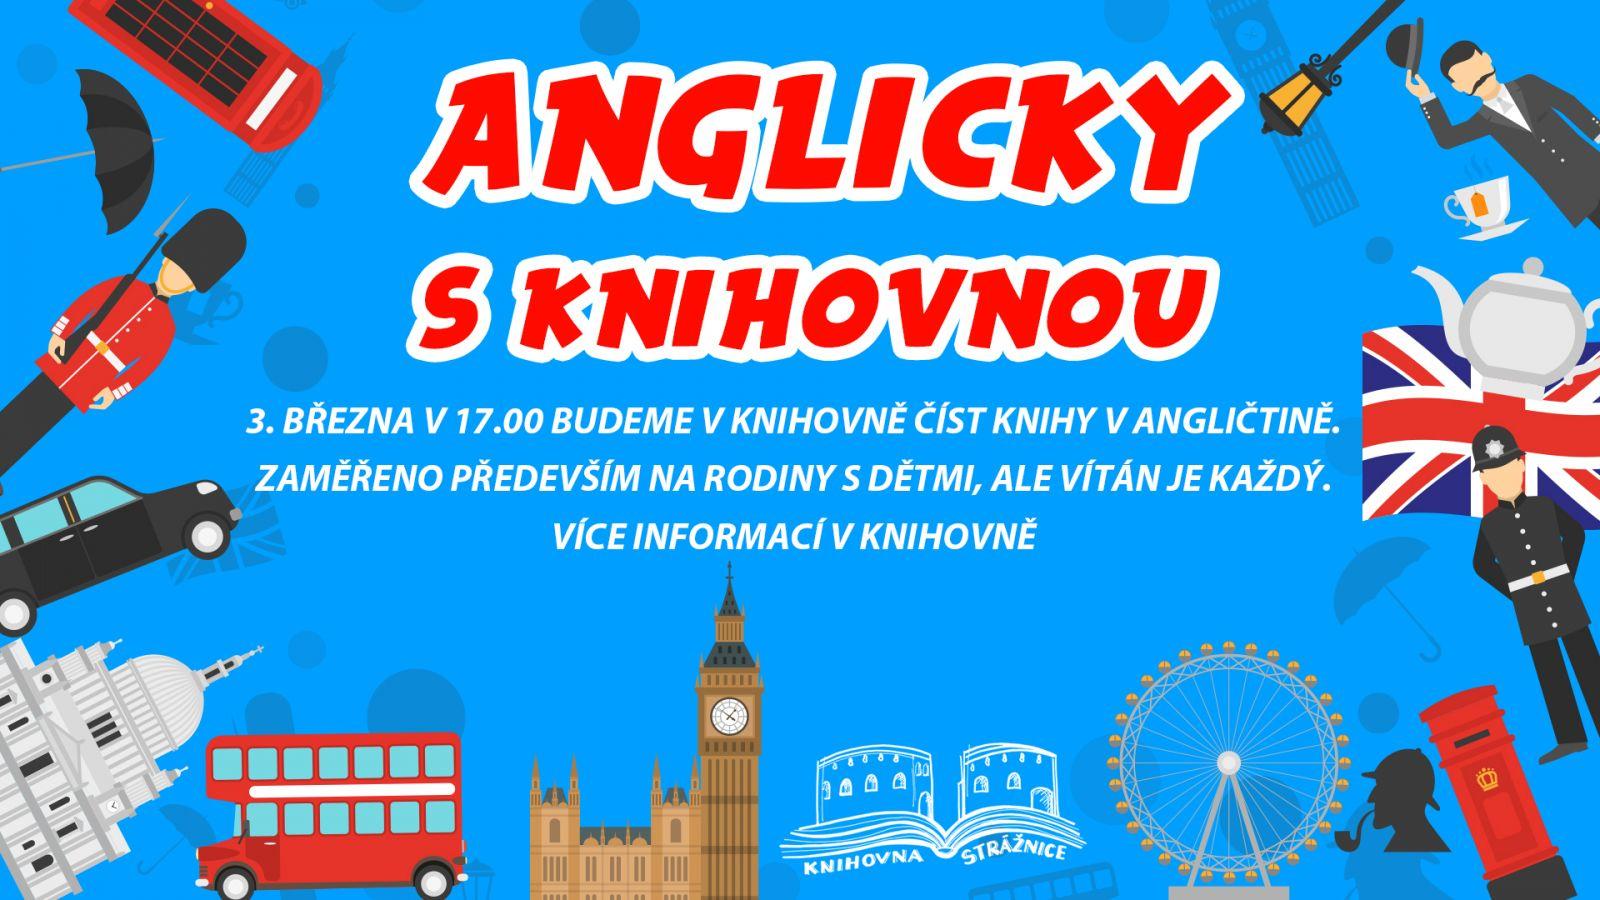 Anglicky s knihovnou - 3. 3. v 17.00